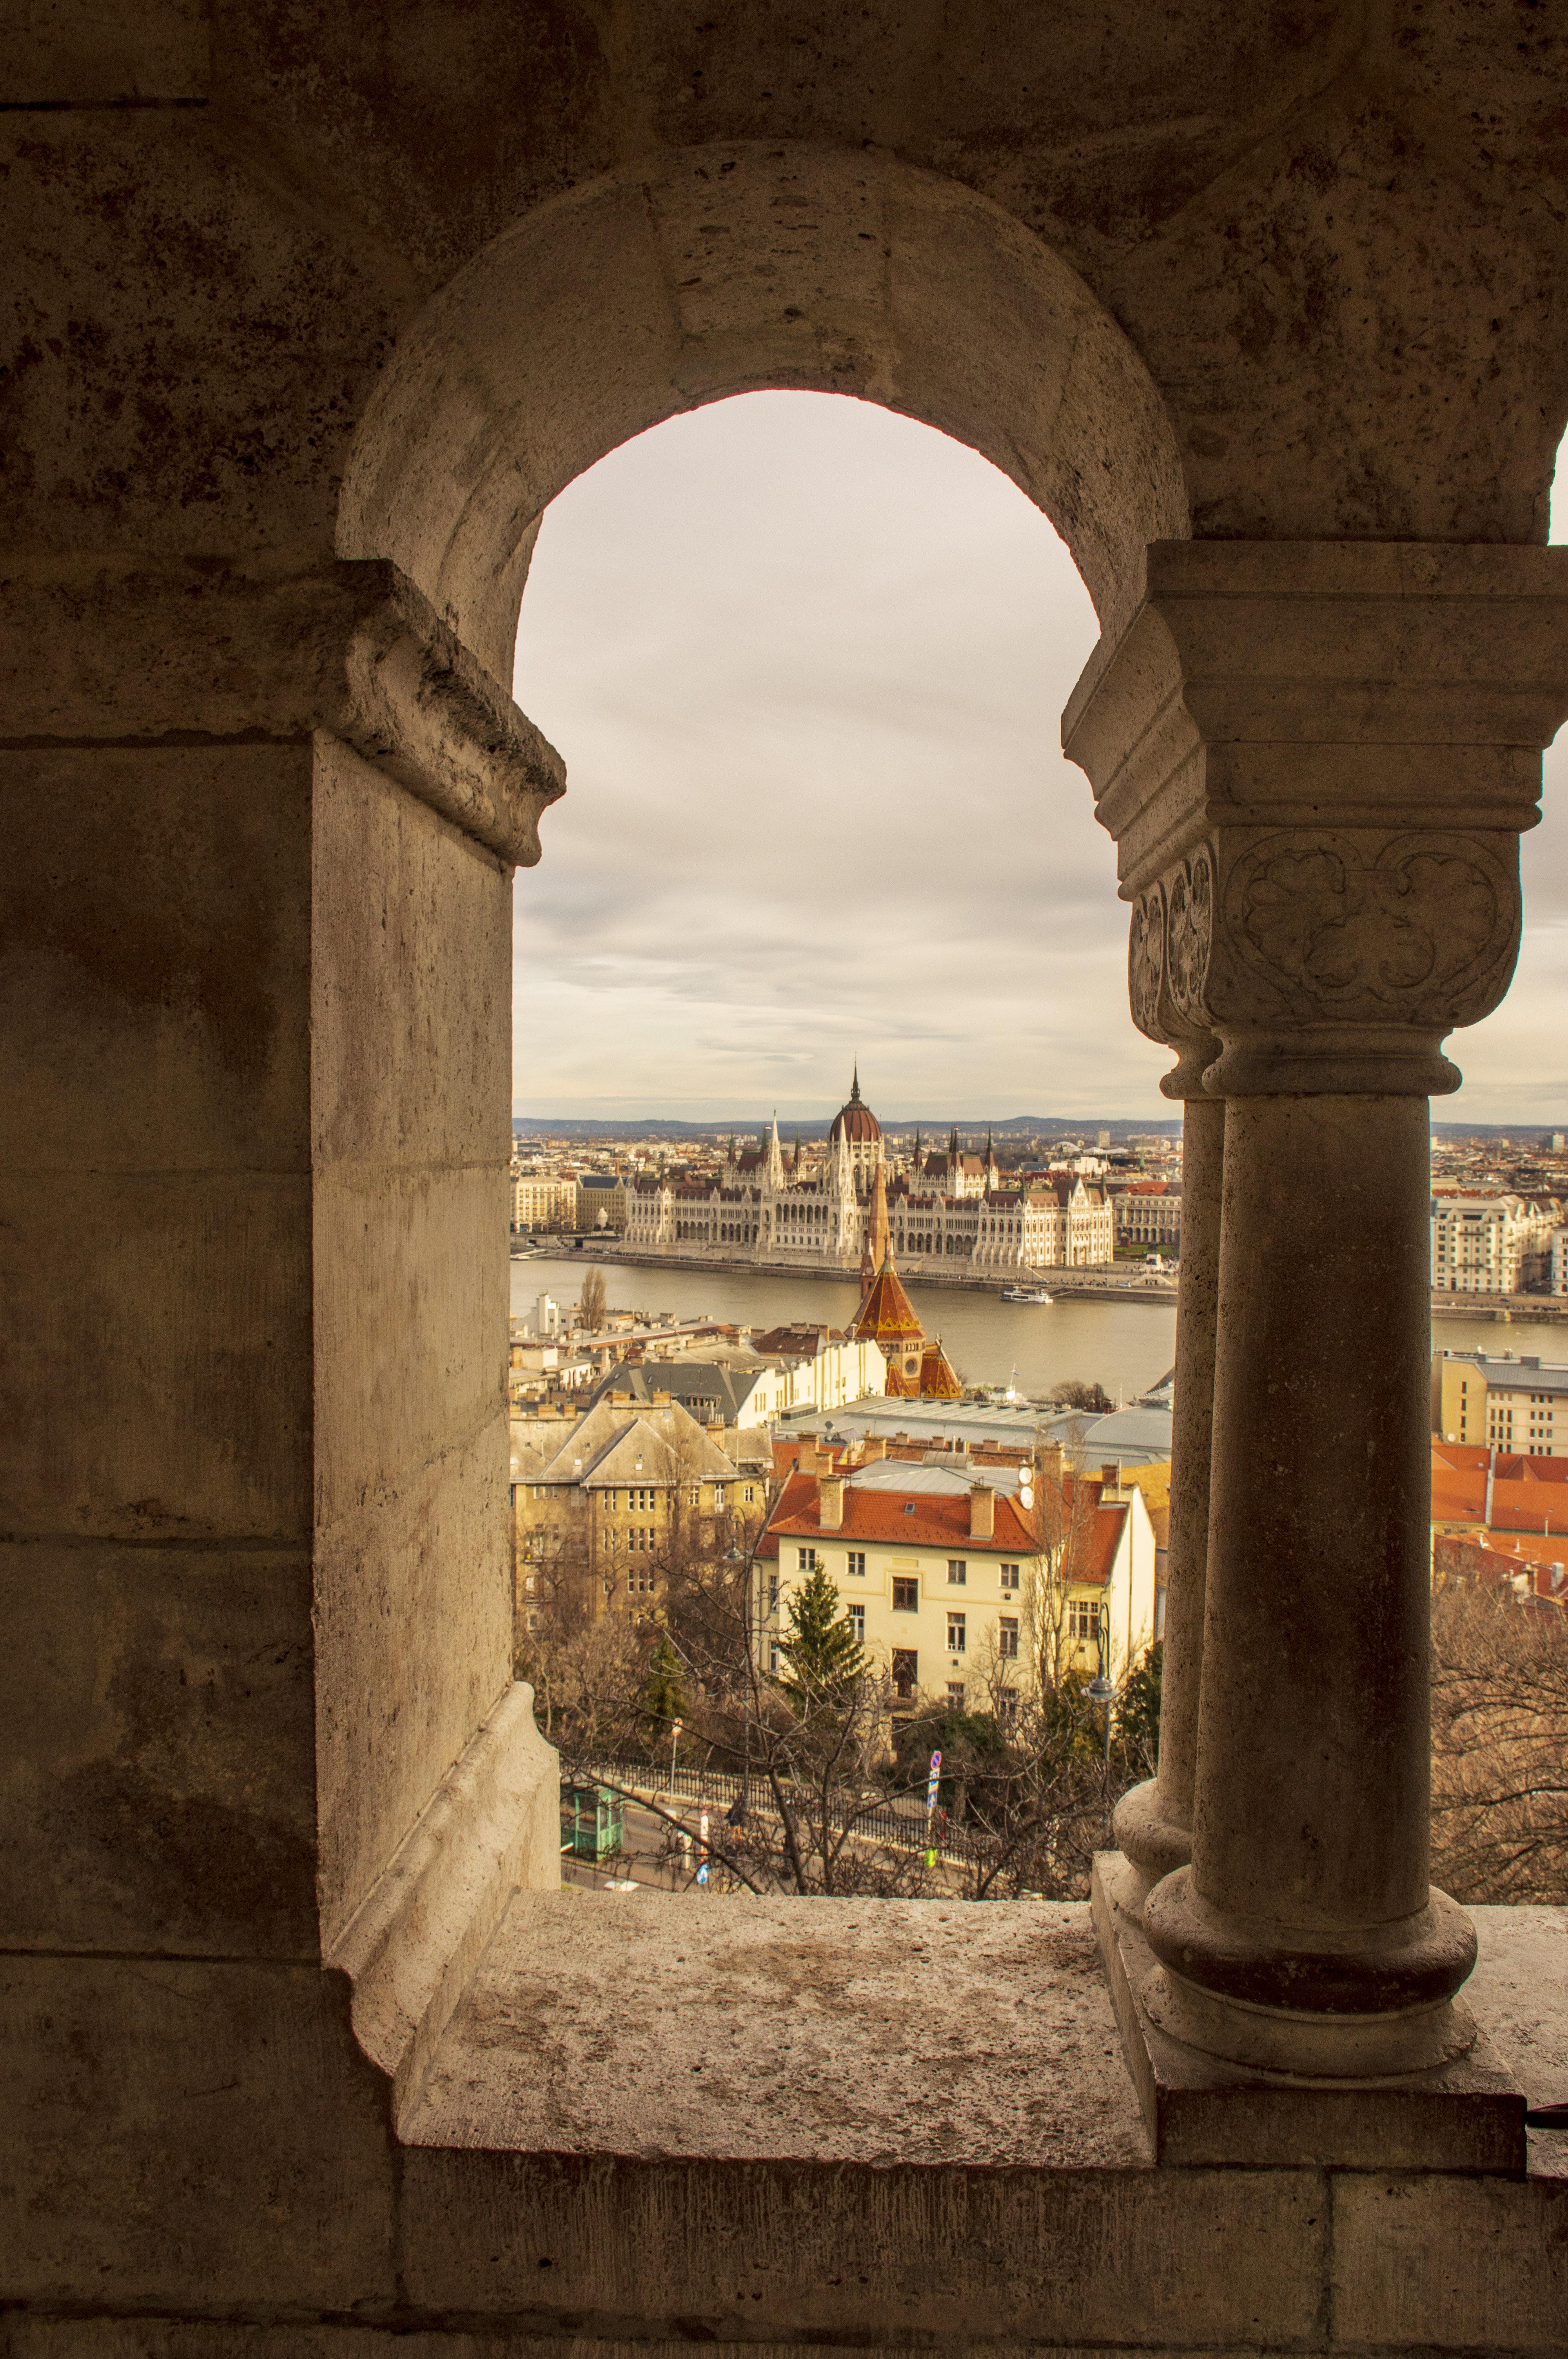 Buda_Parliament_1